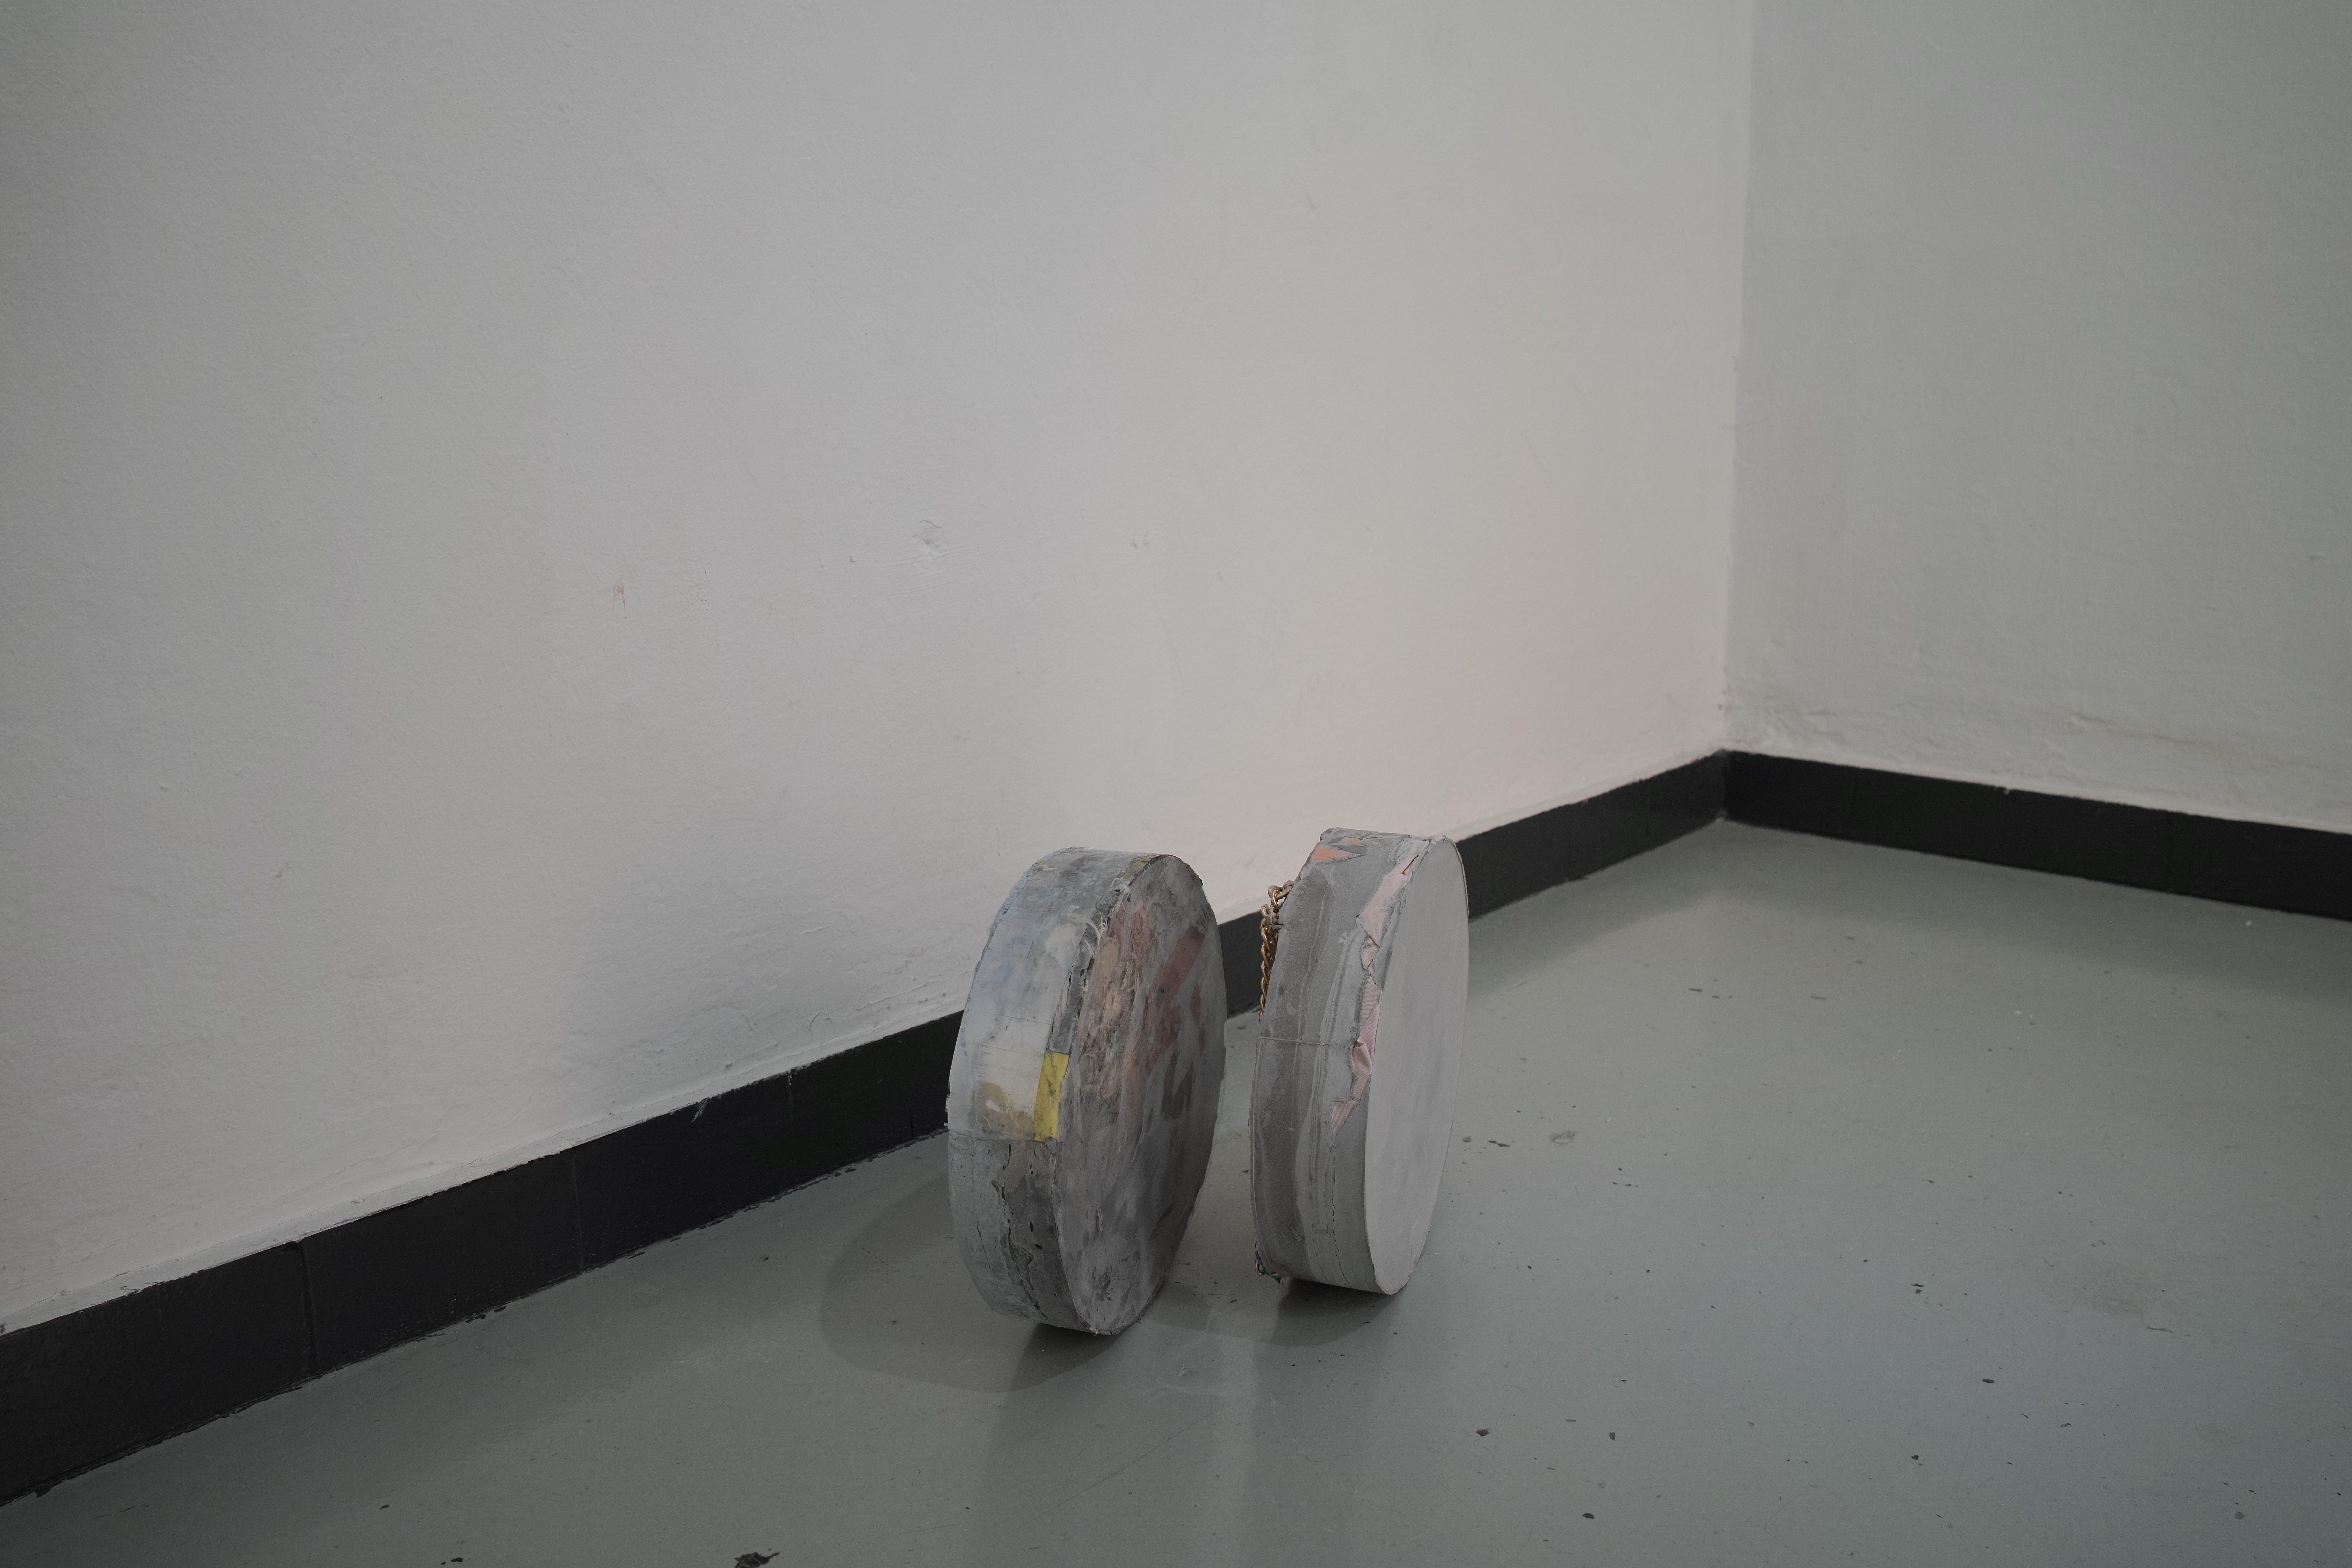 Multiple Distances, 2018 studio cast concrete, merchandise, computer parts, feathers, exhibition view (Parallels) at Space4235, Genova